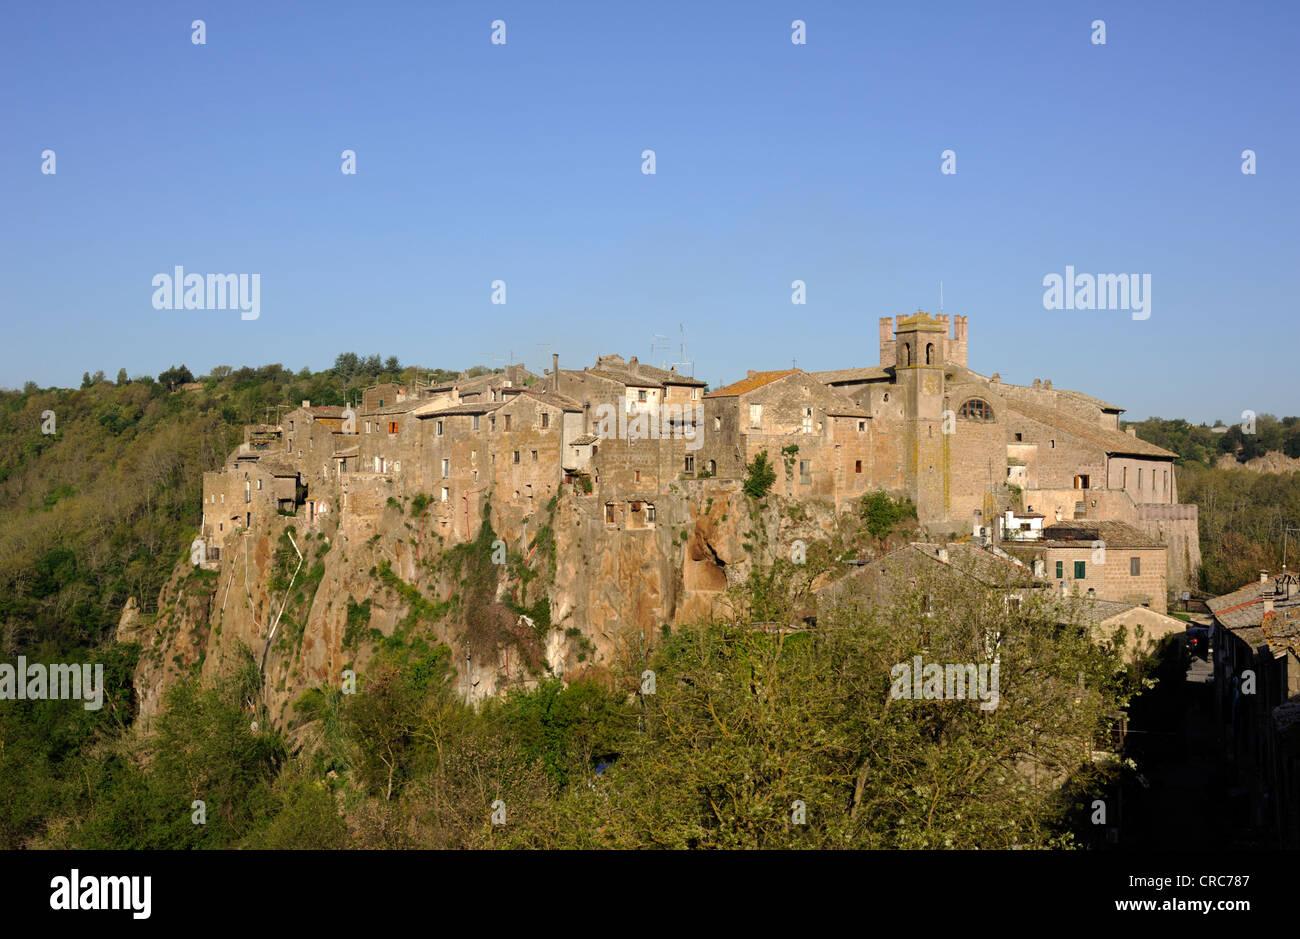 italy, lazio, calcata - Stock Image